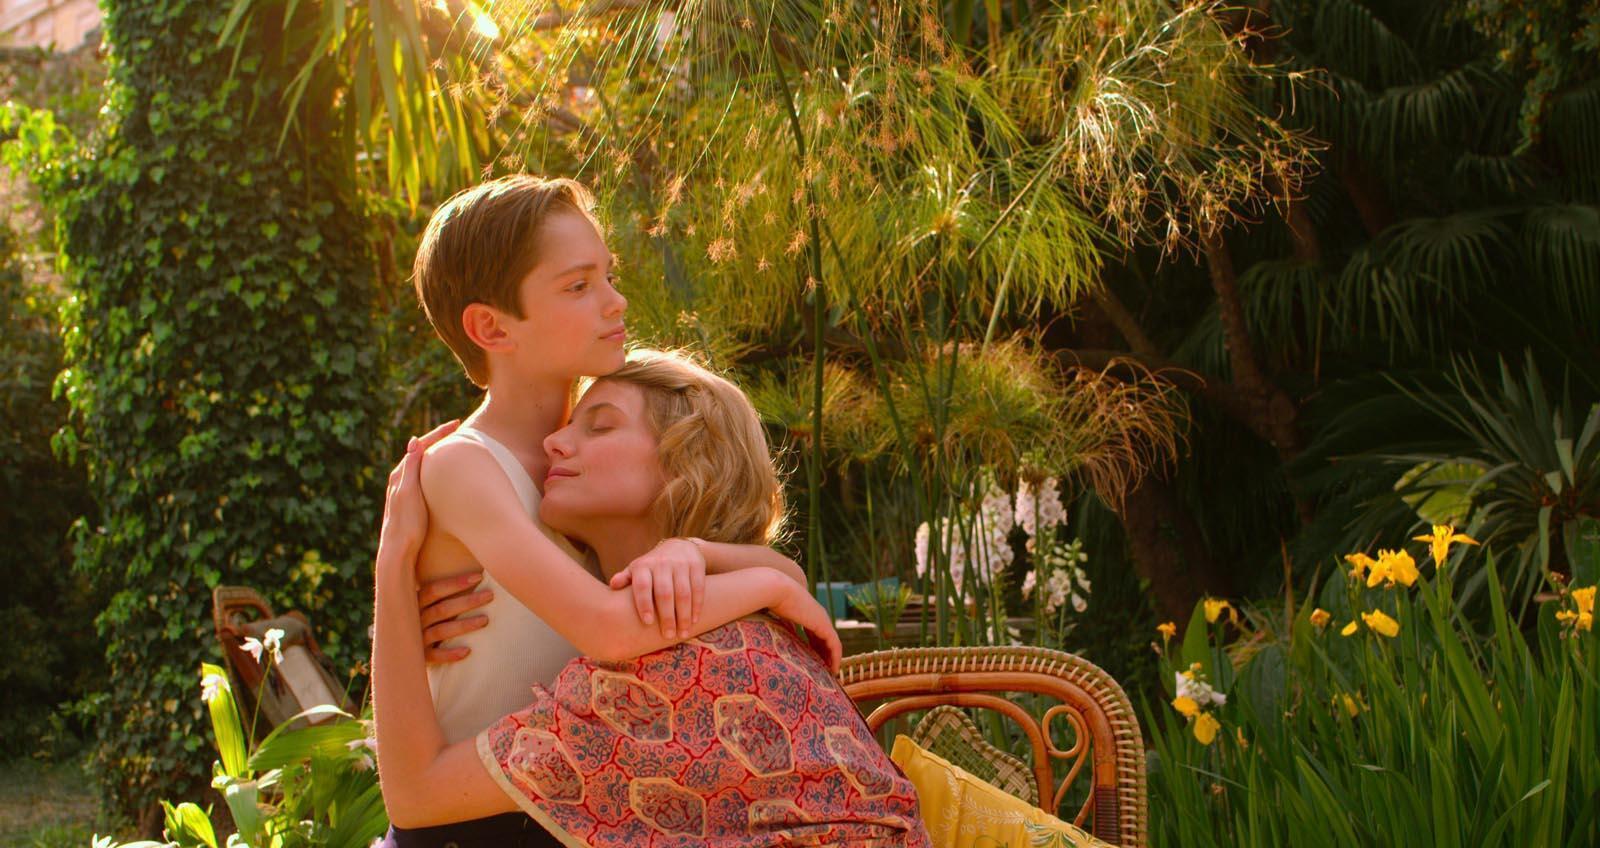 """Diễn viên Mélanie Laurent trong một cảnh phim """"Vĩnh cửu"""" (Eternité) của đạo diễn Trần Anh Hùng."""